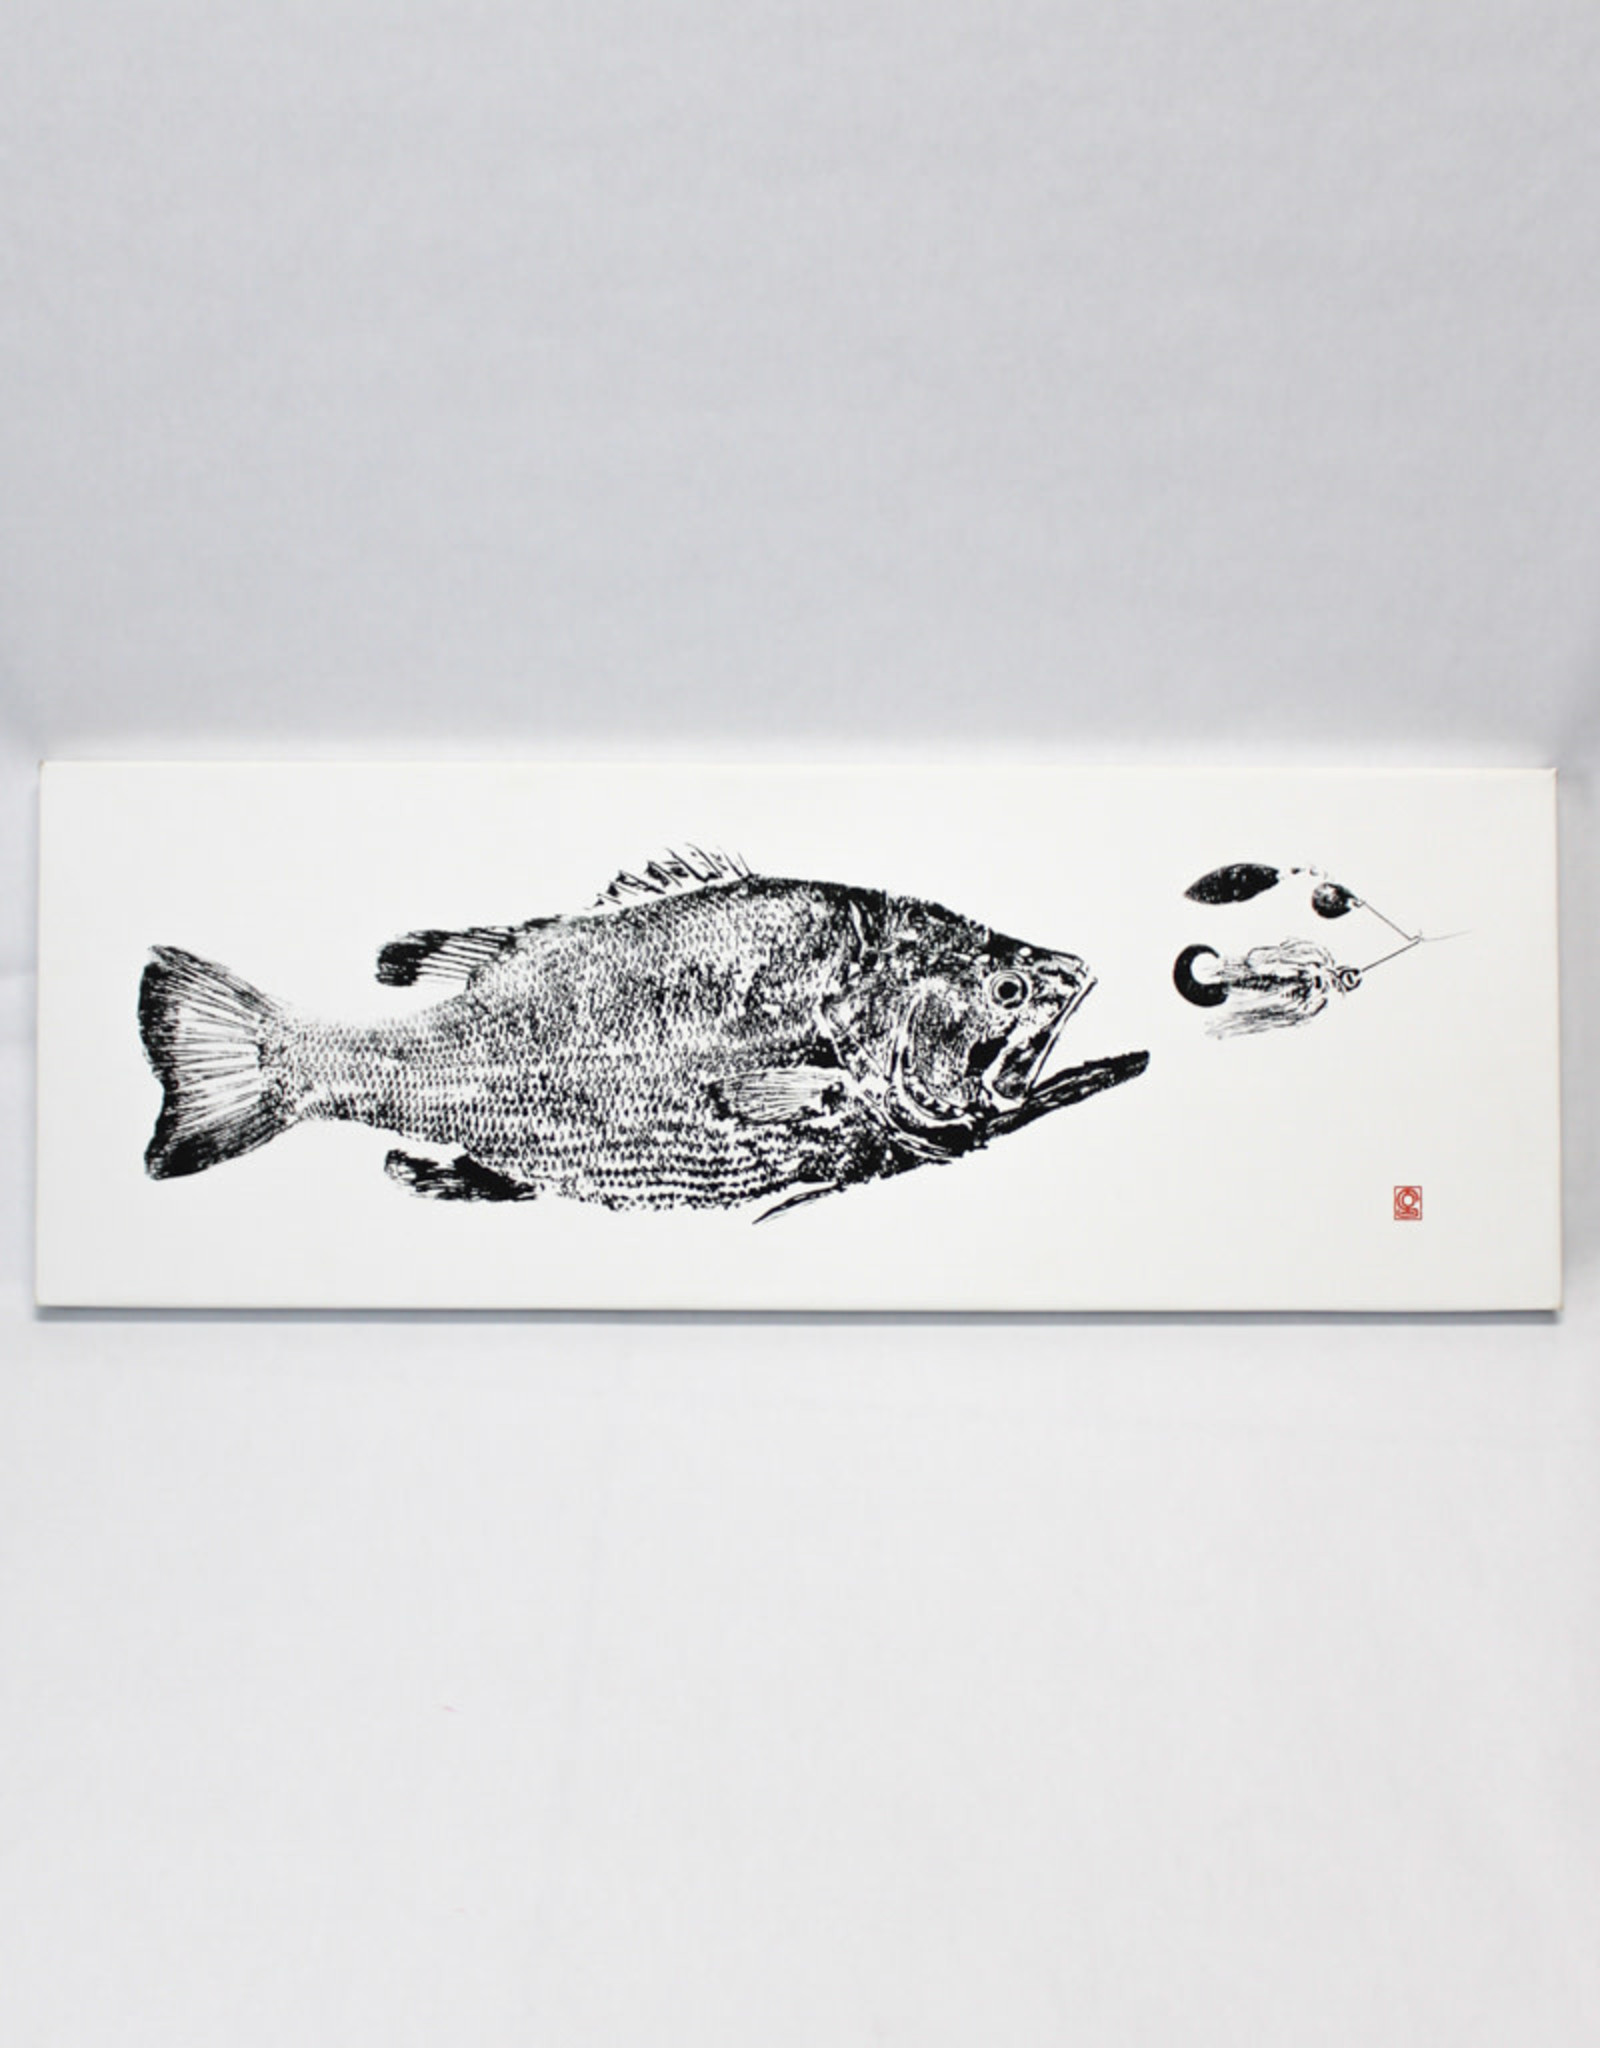 Reel Prints Largemouth Bass